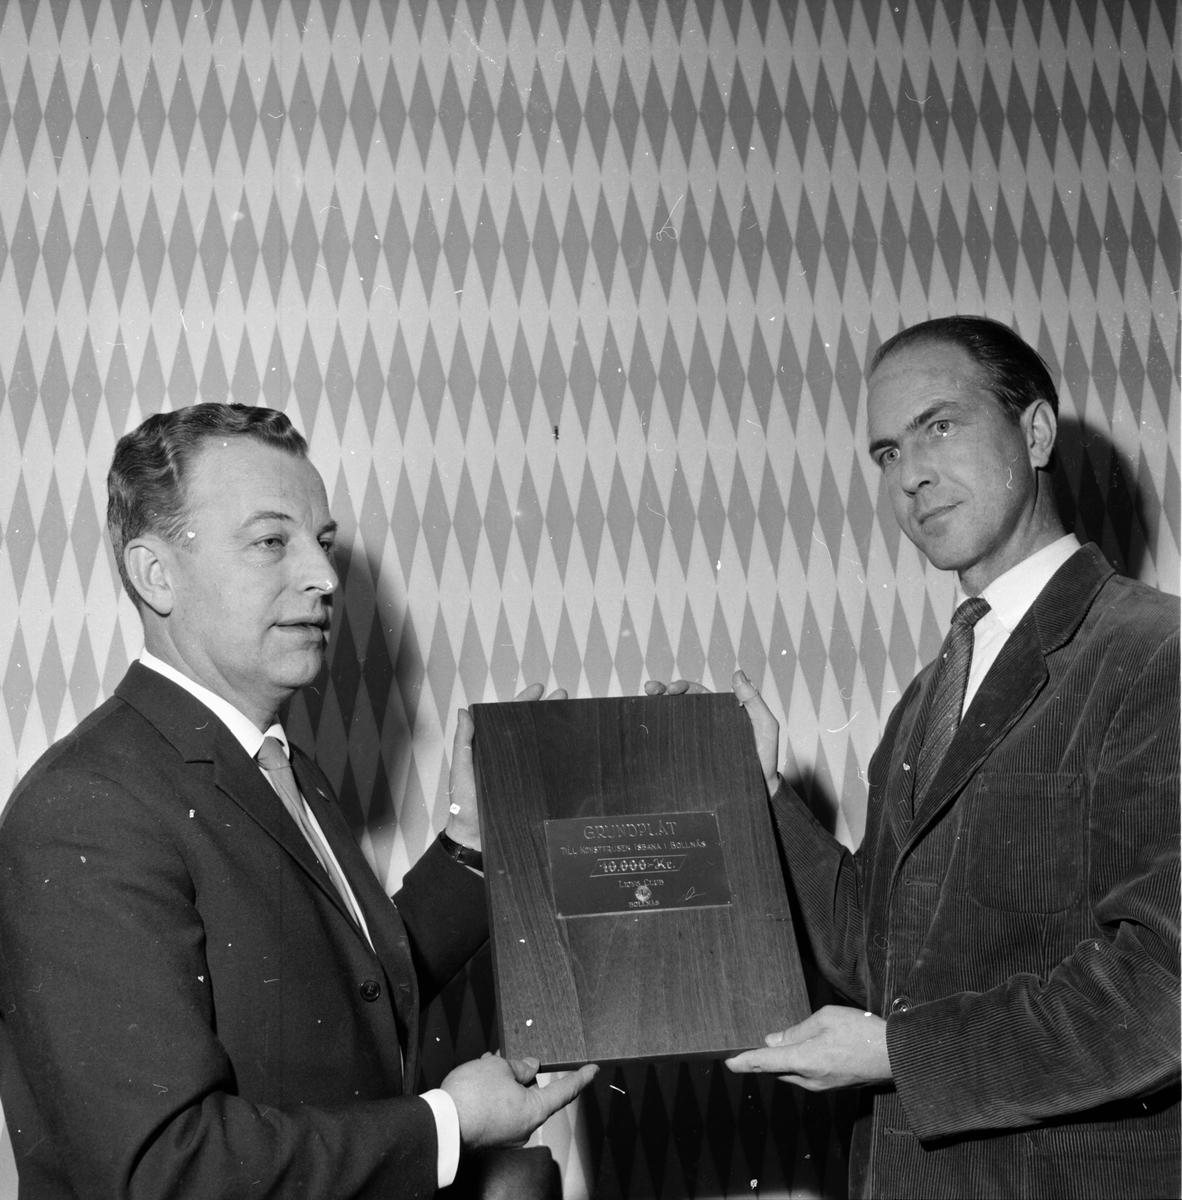 Lions Isbanecheck överkämnas 3 dec 1961